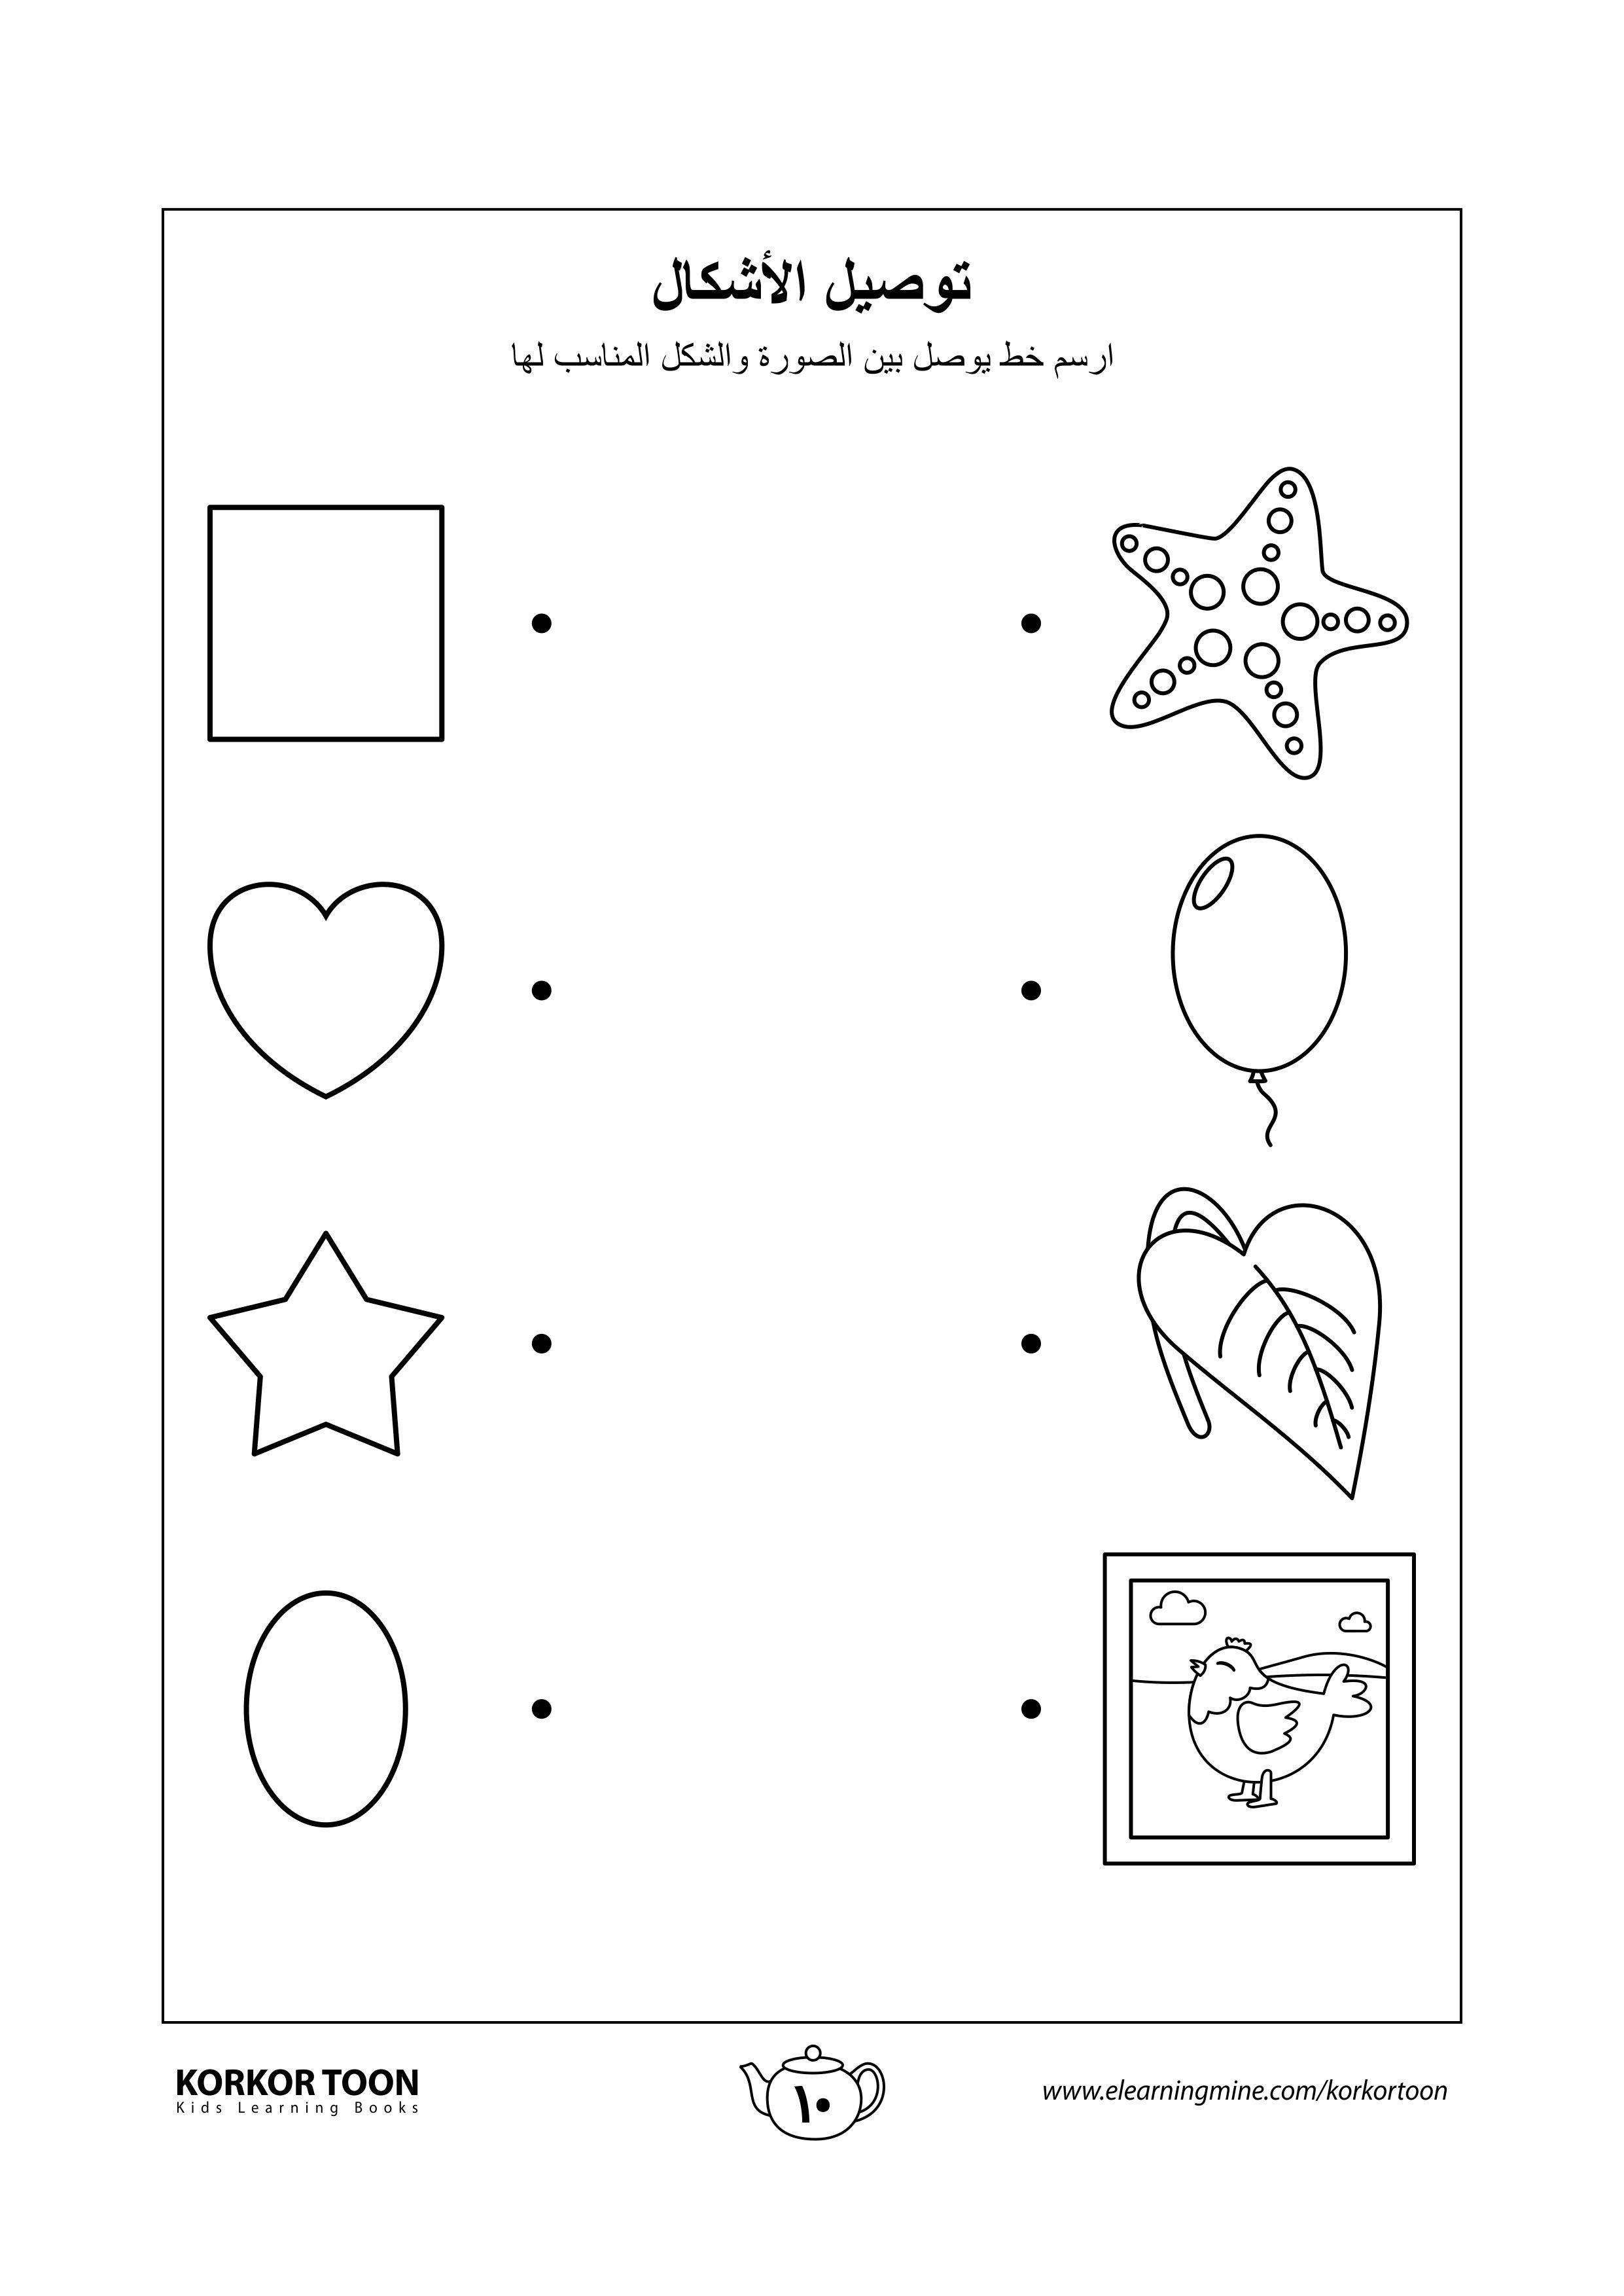 كتاب تلوين الأشكال الهندسية نشاط توصيل الأشكال صفحة 10 Coloring Books Kids Coloring Books Alphabet Preschool